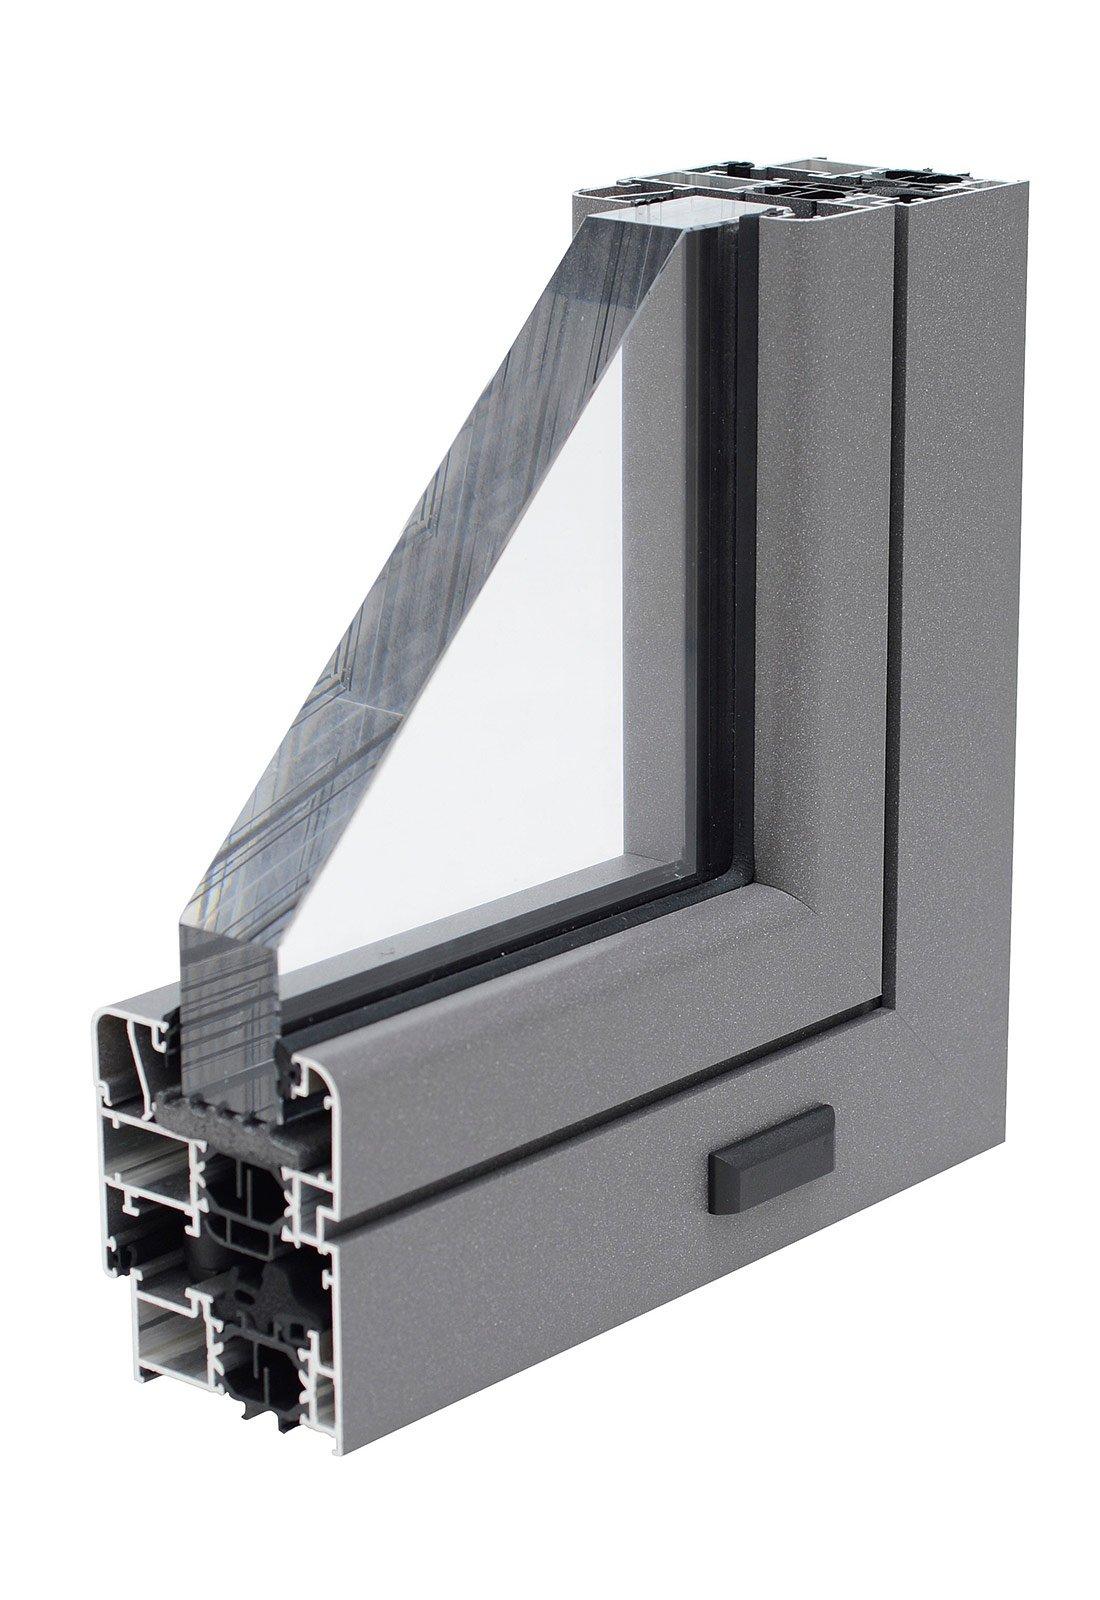 Tappocornice vetri laterali cabina motorhome foto pagina 1 i forum di camperonline - Condensa su finestre in alluminio ...